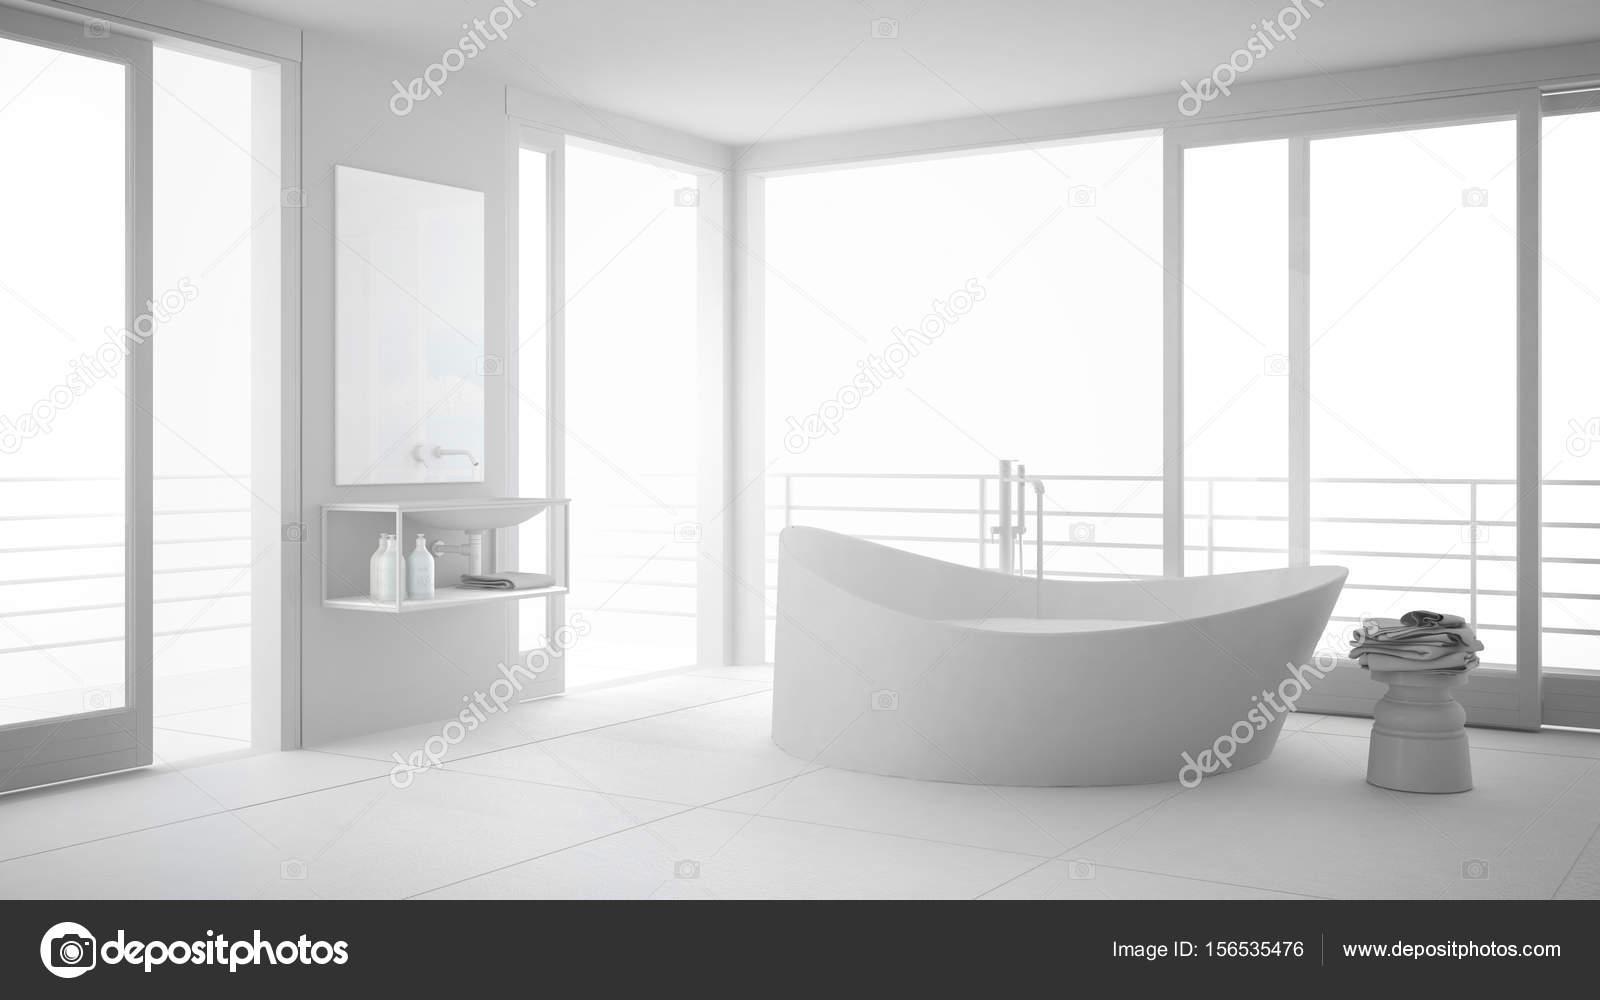 Lieblich Total Weiße Minimalistischen Badezimmer Mit Großer Badewanne Und  Panorama Fenster, Modernes Interior Design U2014 Foto Von ArchiVIz